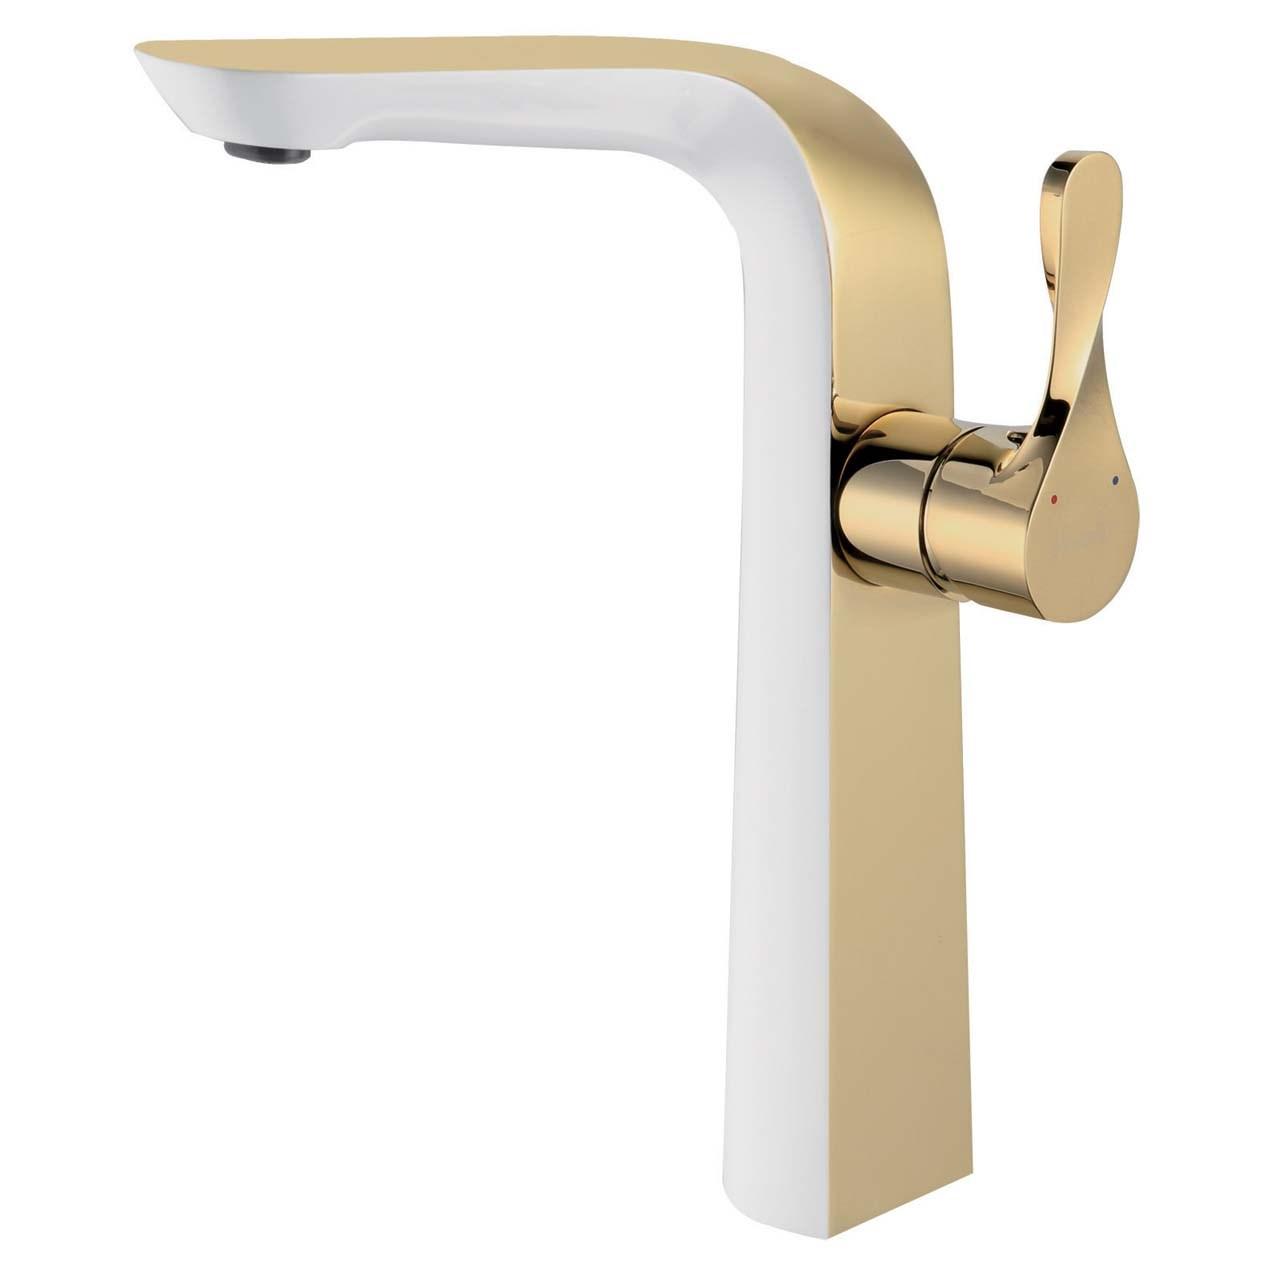 شیر روشویی پایه بلند الپس مدل ALPS طلایی سفید